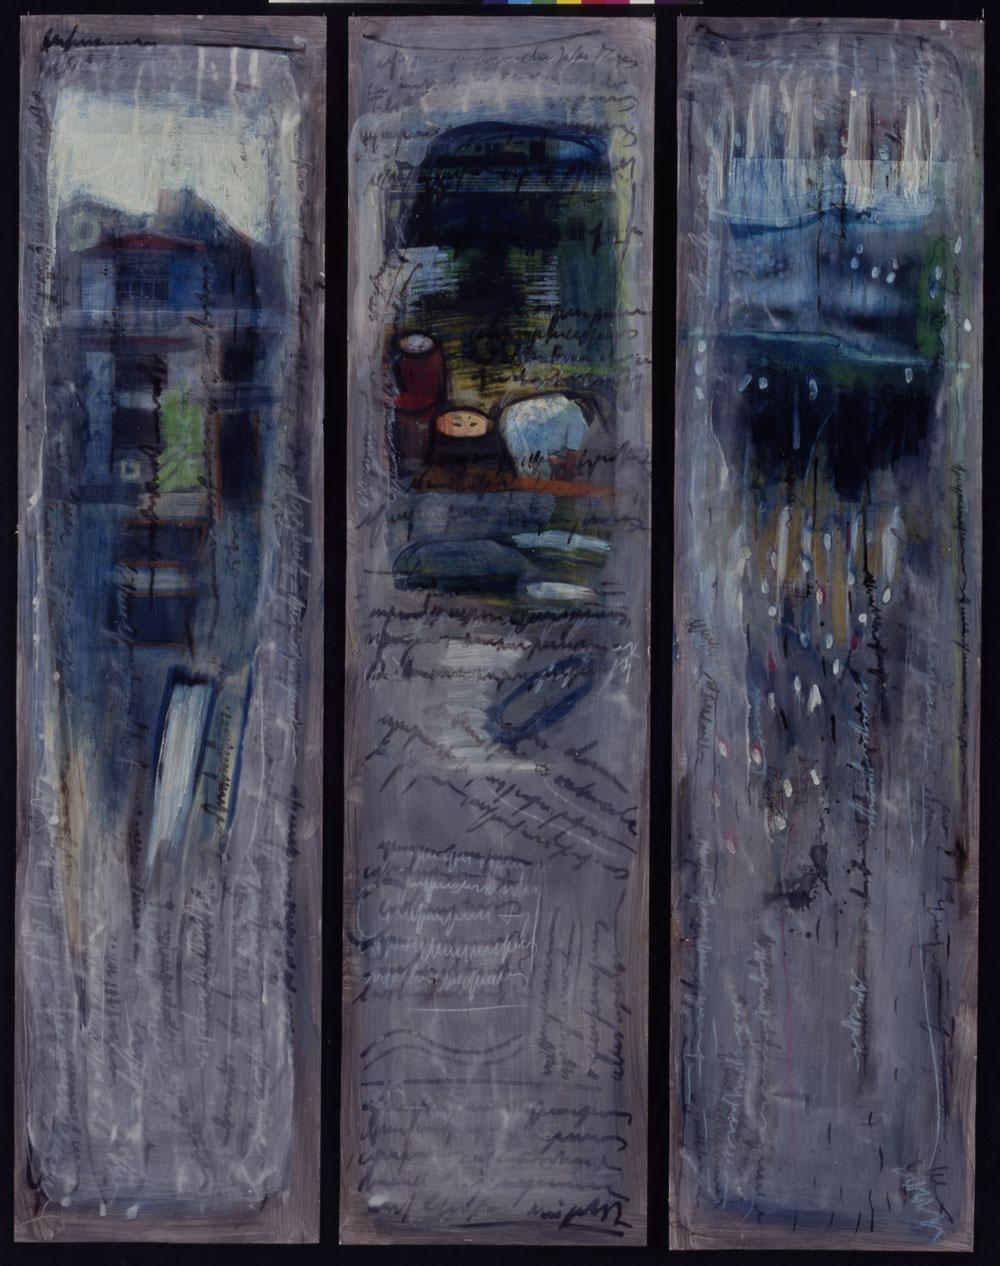 """""""Regenzeit"""", von links: """"Das blaue Haus"""", """"Unter dem Fluss"""", """"Regenzeit"""", je 200 x 50 cm, Mischtechnik auf Aquarellkarton, 2000"""